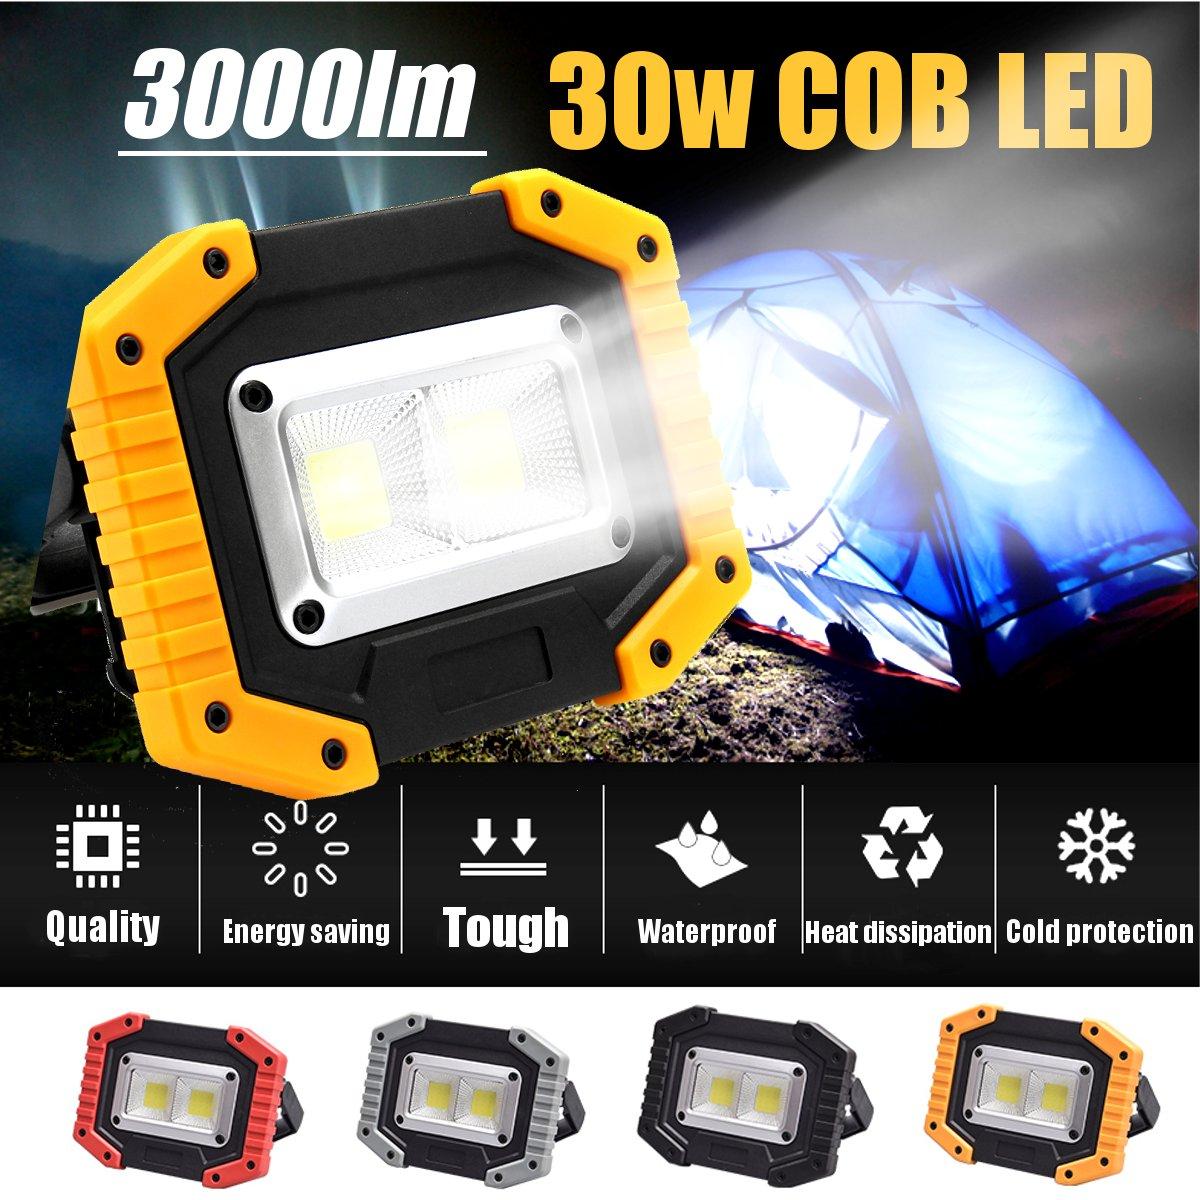 2 COB 30W 3000LM נטענת LED מבול אורות נייד עמיד למים IP65 עבור חיצוני קמפינג טיולי חירום רכב תיקון